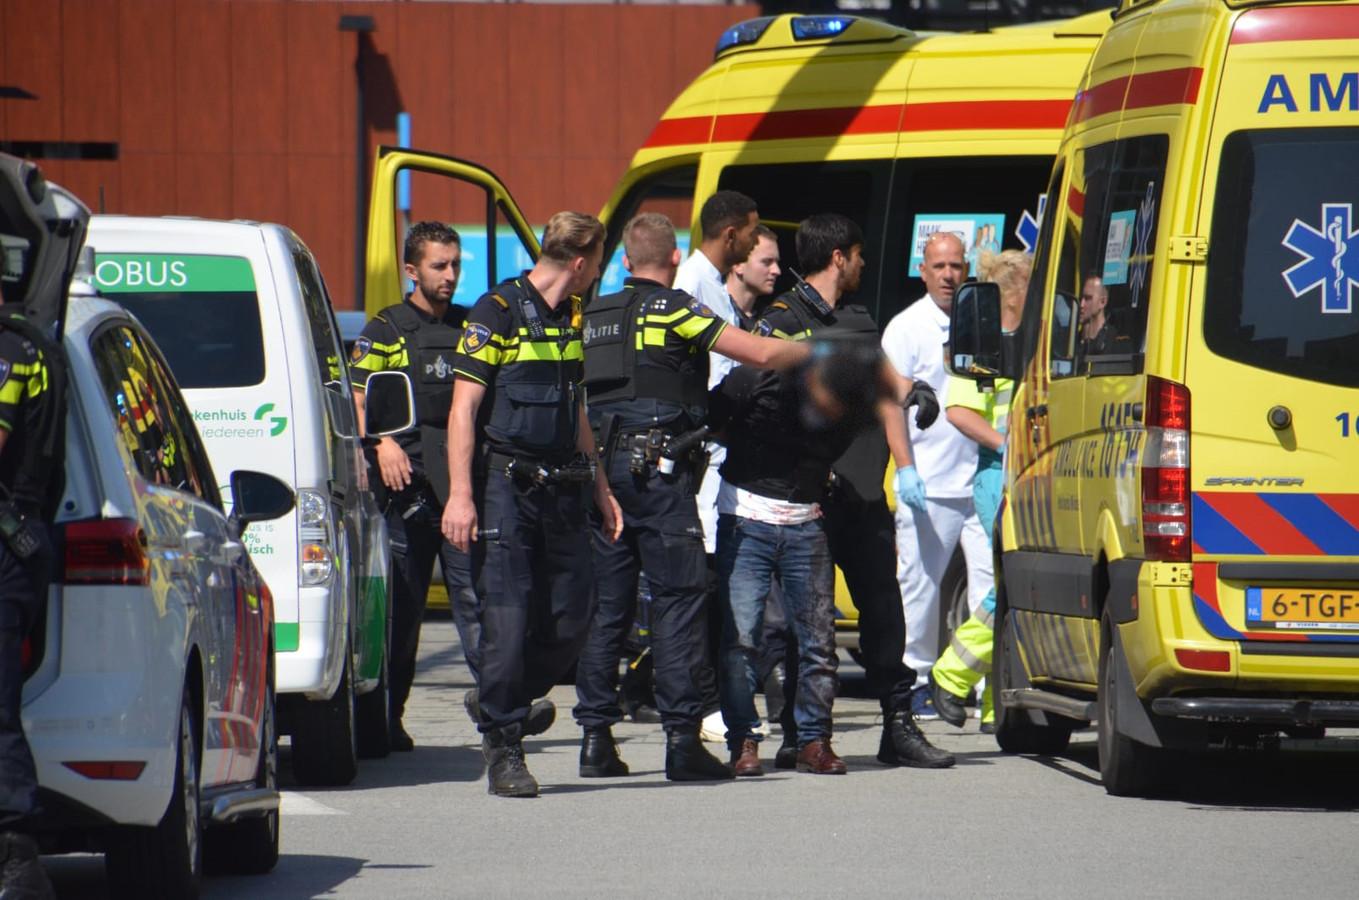 De partner van de gewonde vrouw is aangehouden.